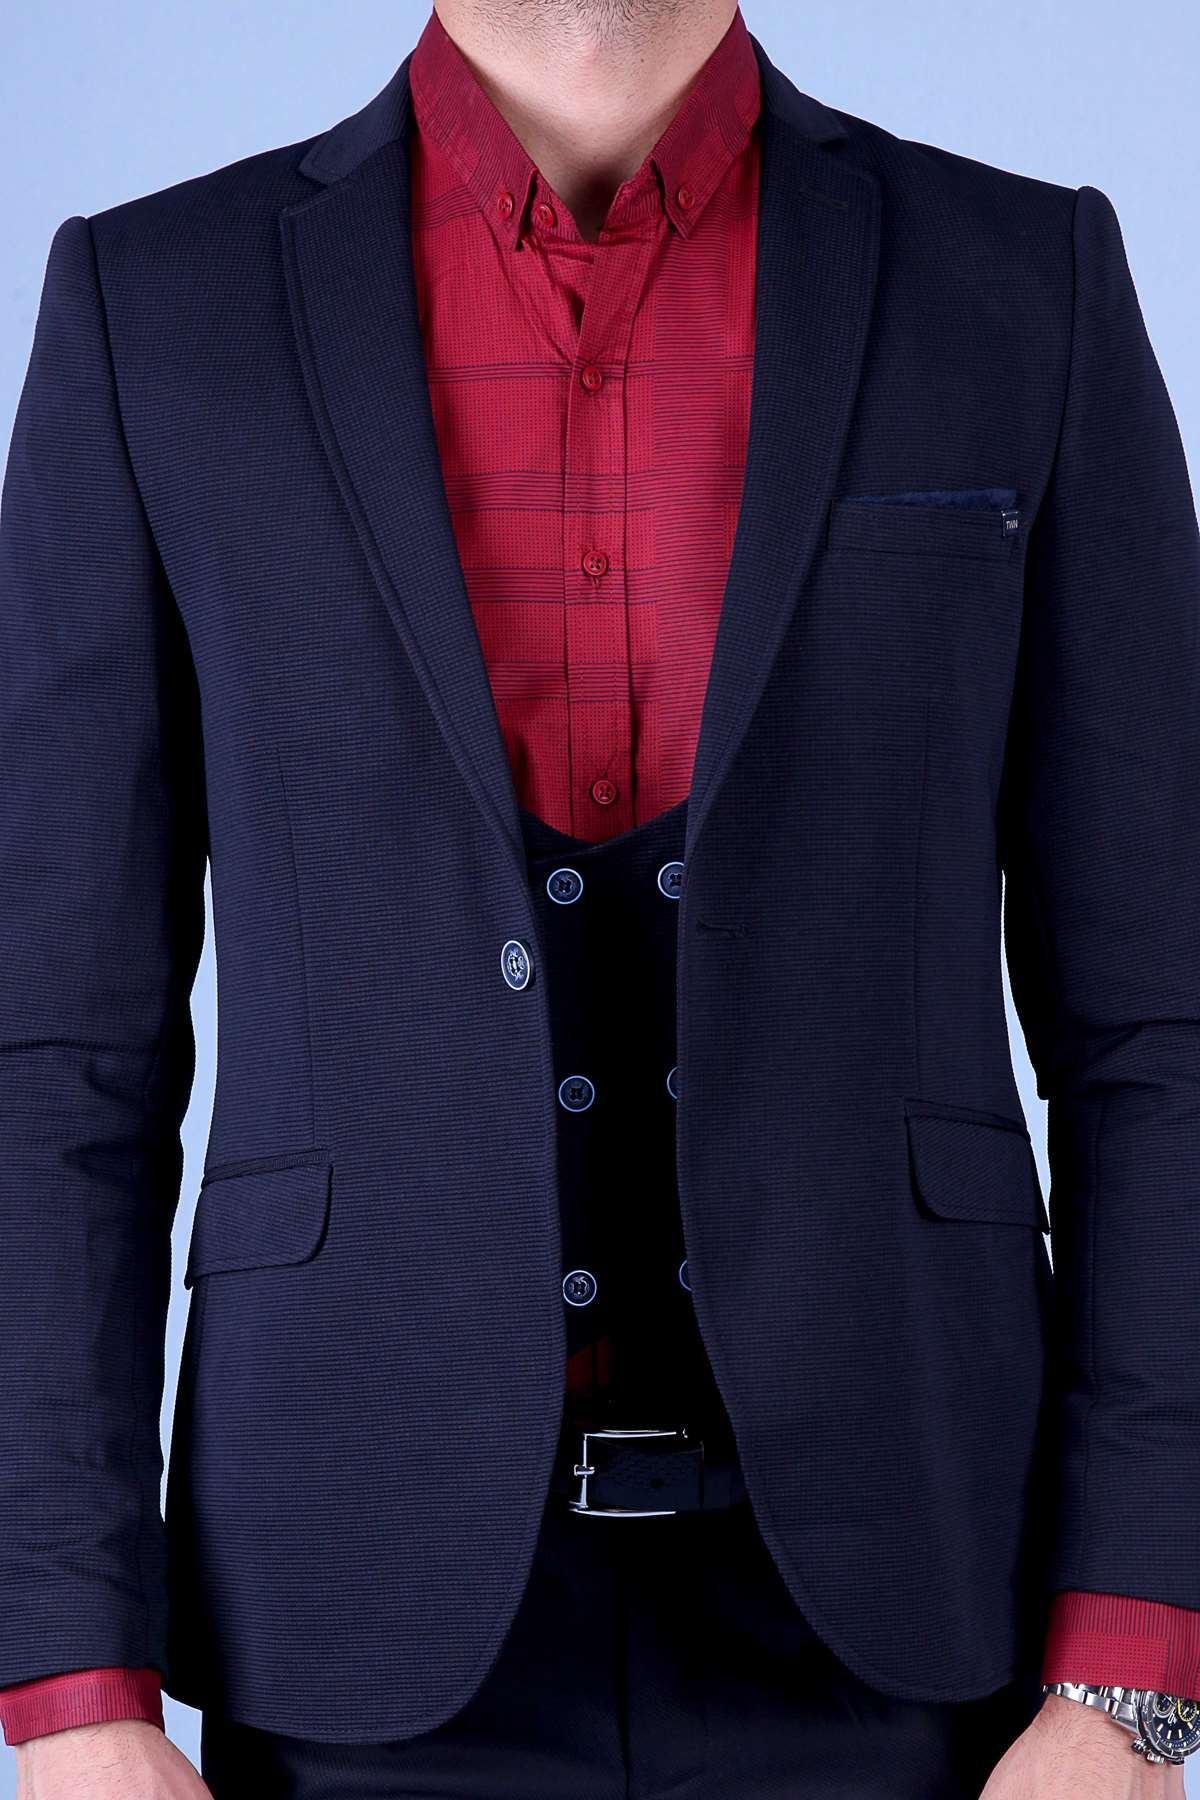 Gizli Kare Desenli İçi Astarlı Slim Fit Ceket Koyu Lacivert